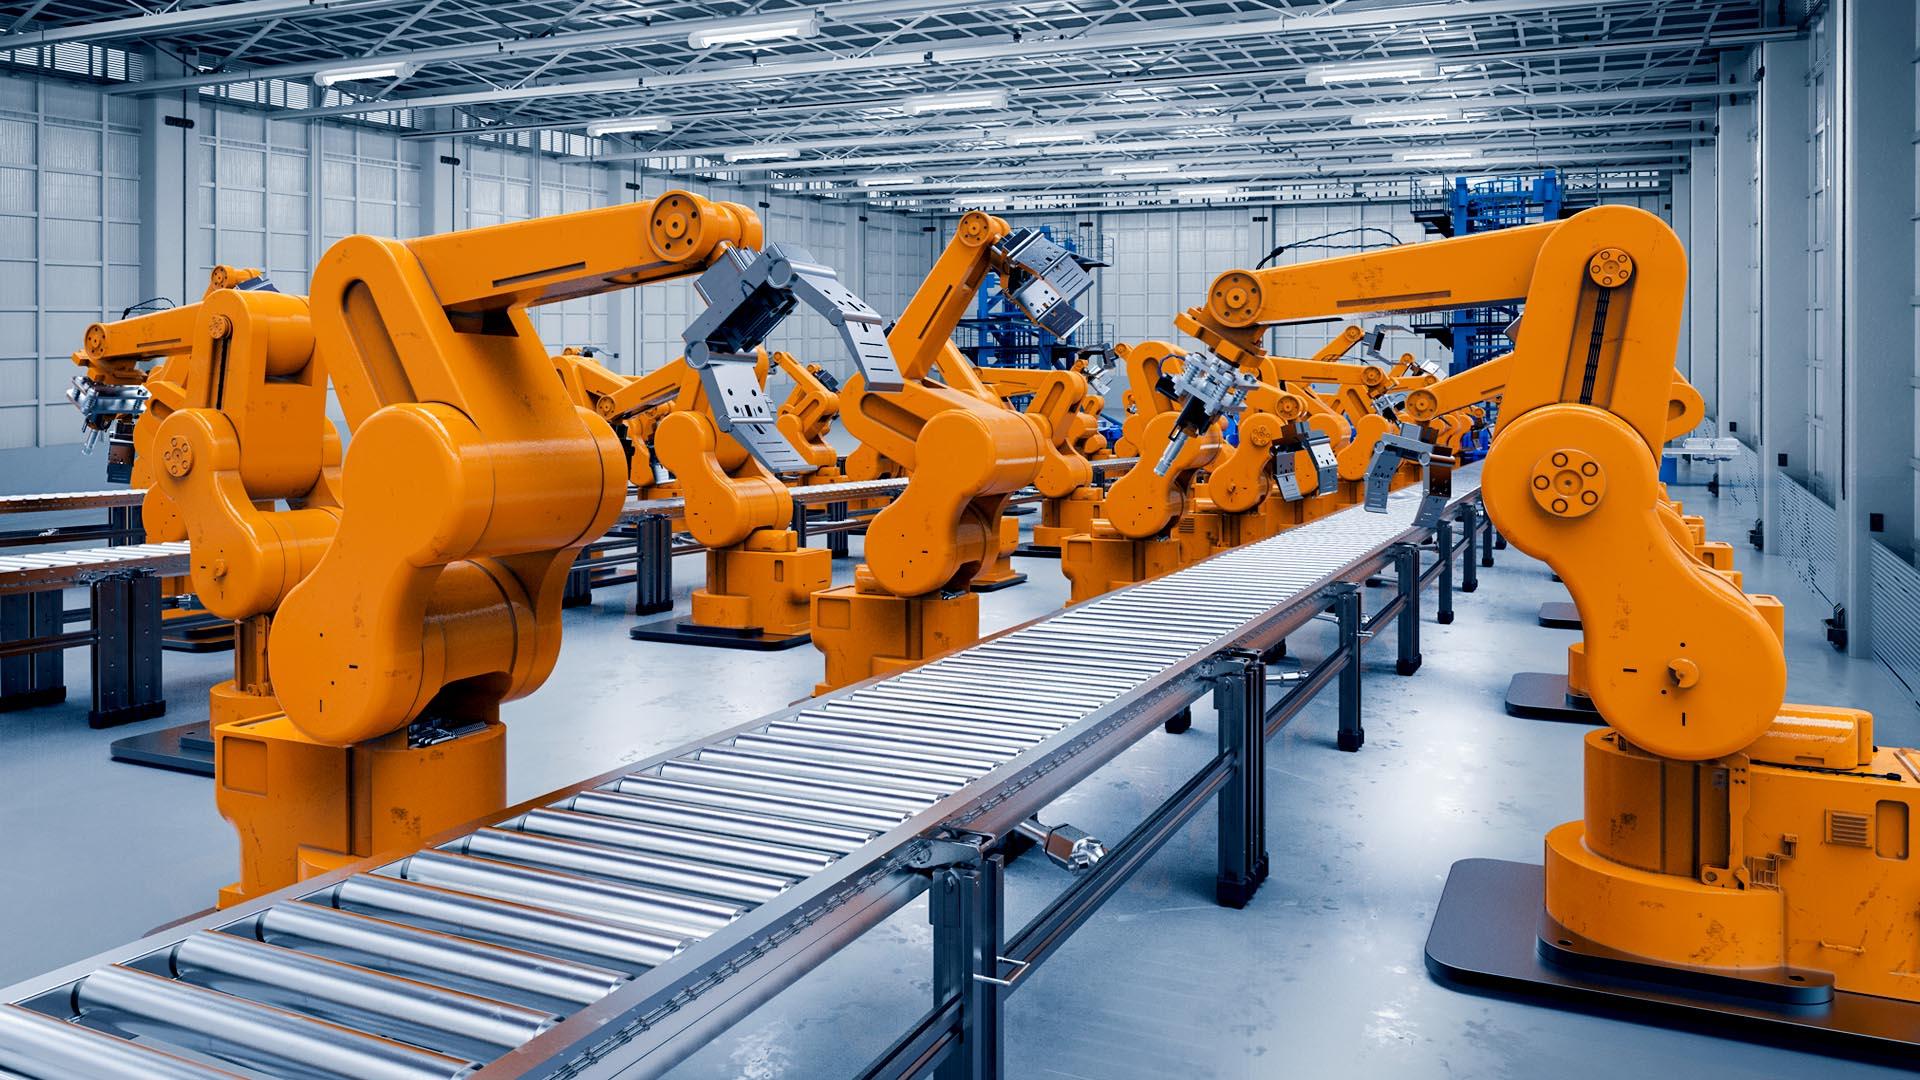 Vai trò của IoT và AI trong ngành công nghiệp sản xuất